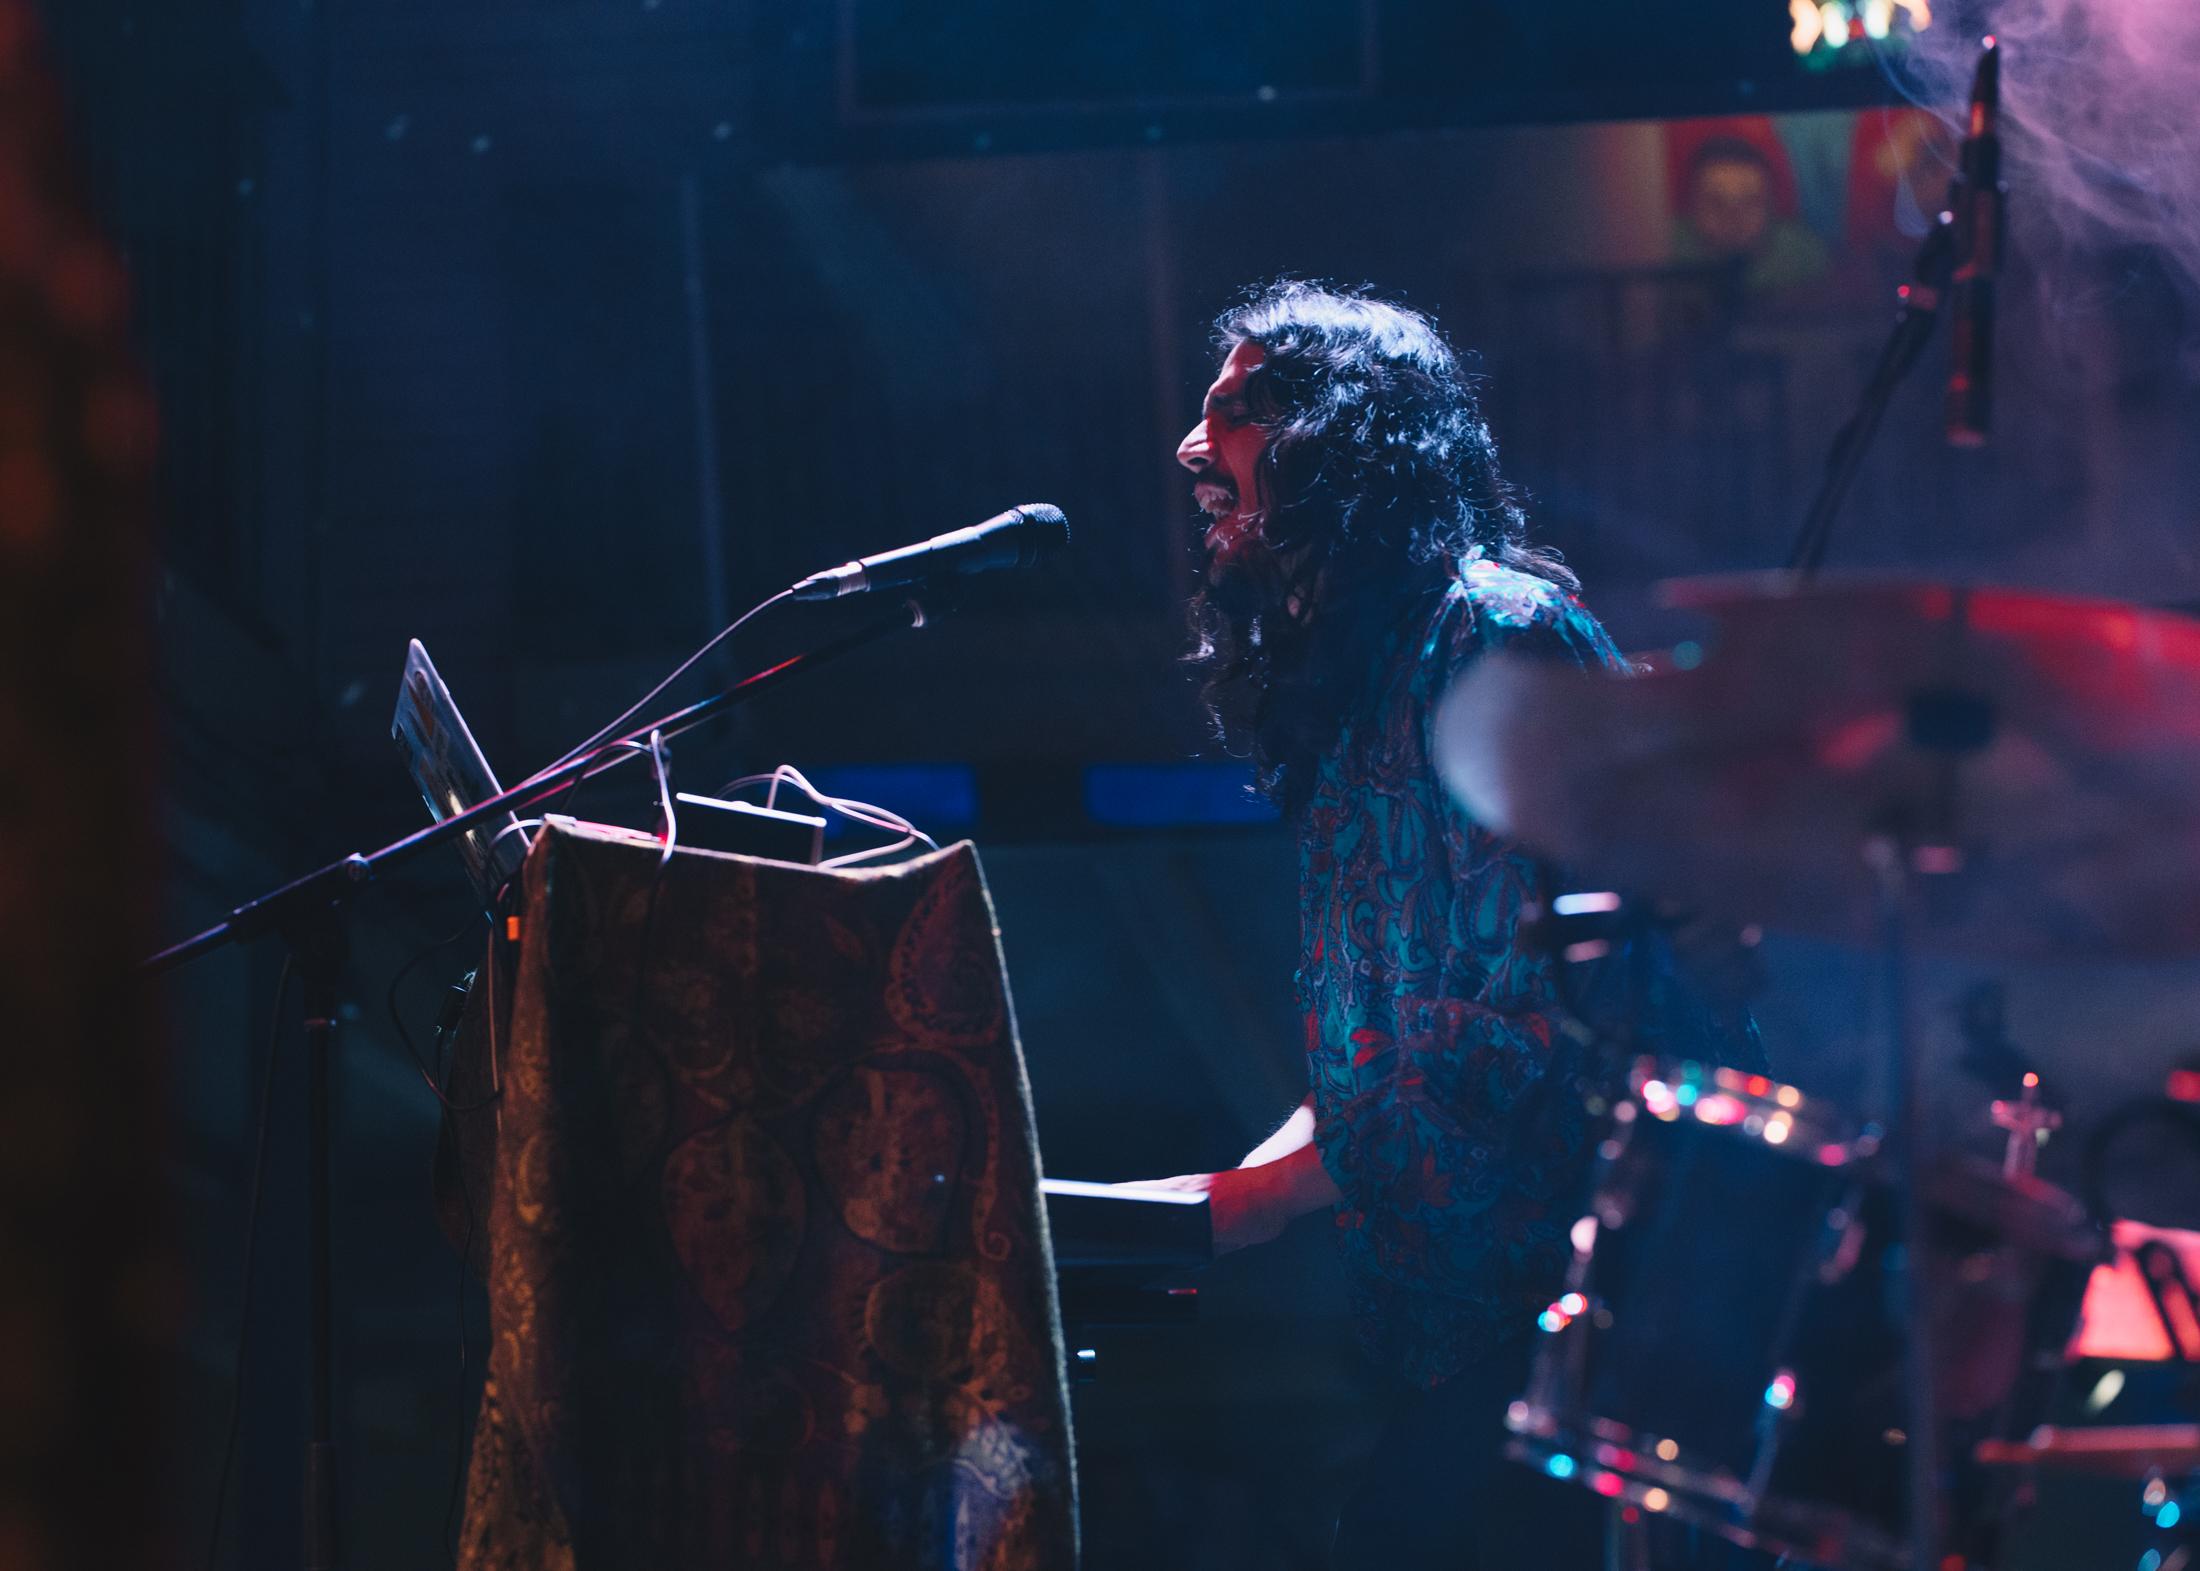 """david mora robles, tecladista, corista, activador de cosas como """"drum loops y beats"""", compositor   foto: elisa barrantes y    fabián barrantes"""